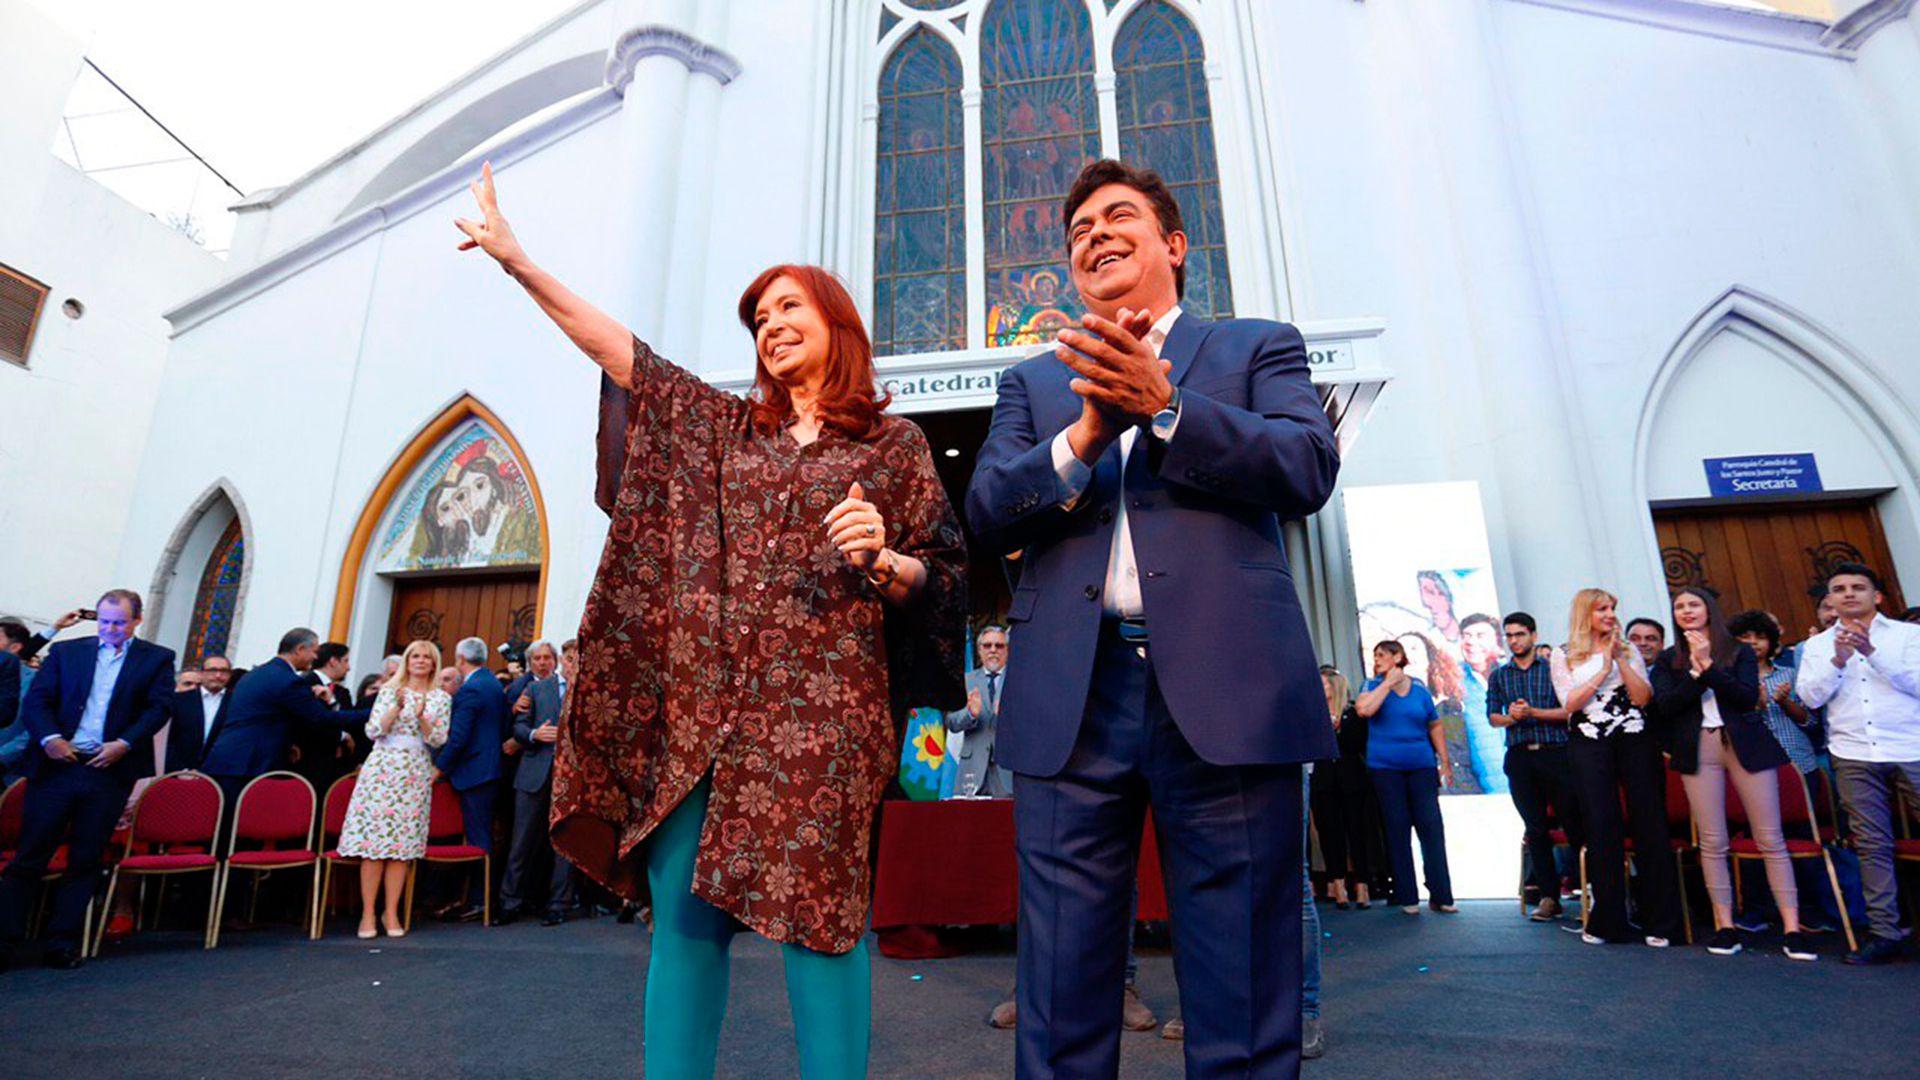 La vicepresidente Cristina Fernández y Fernando Espinoza, cuando este reasumió la intendencia de La Matanza